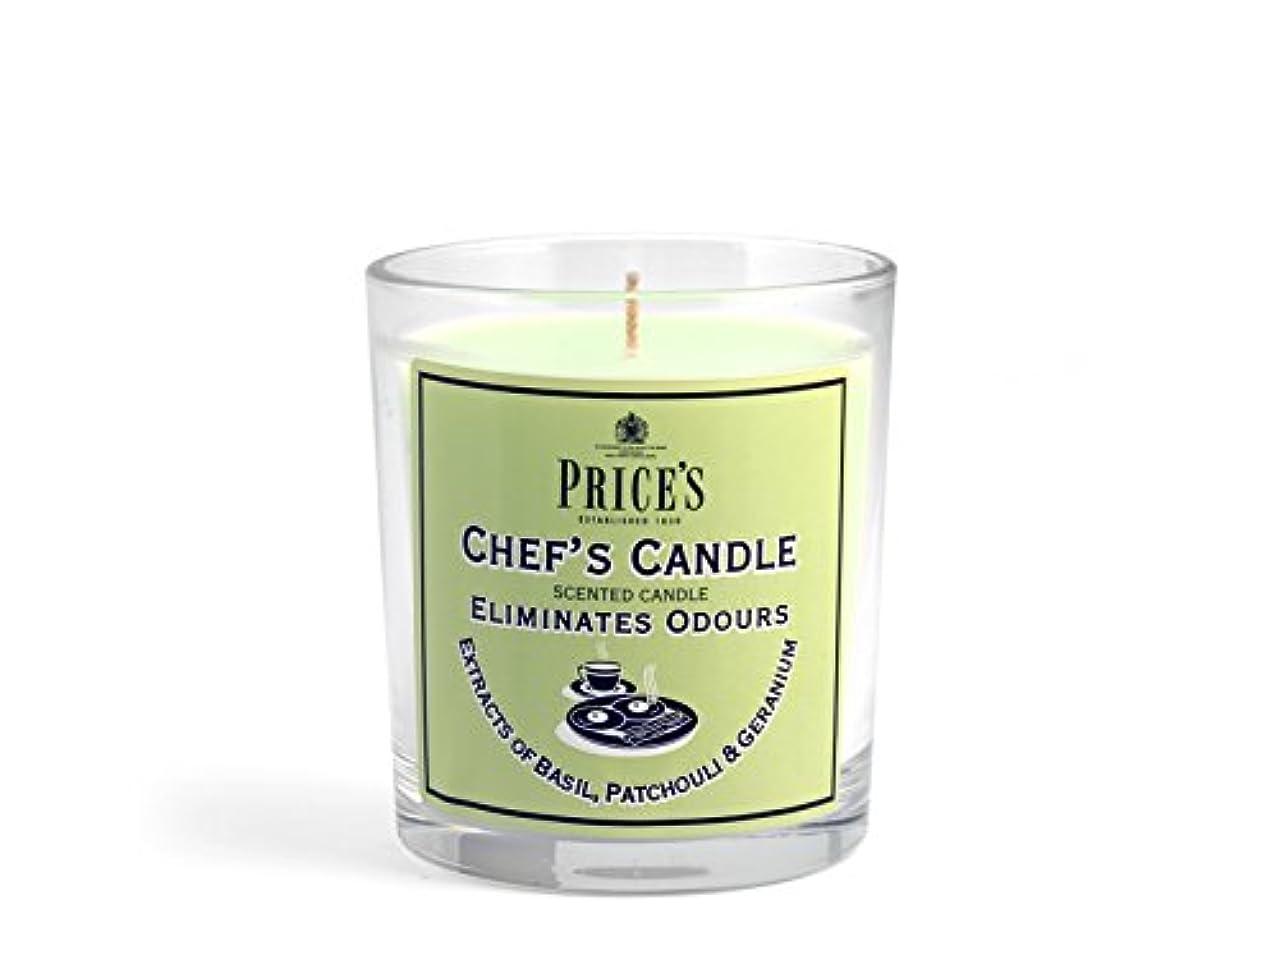 ソーセージ陪審キャンセルPrice′s(プライシズ) Fresh Air CANDLE TIN Jar type (フレッシュエアー キャンドル ジャータイプ) CHEF'S(シェフズ)